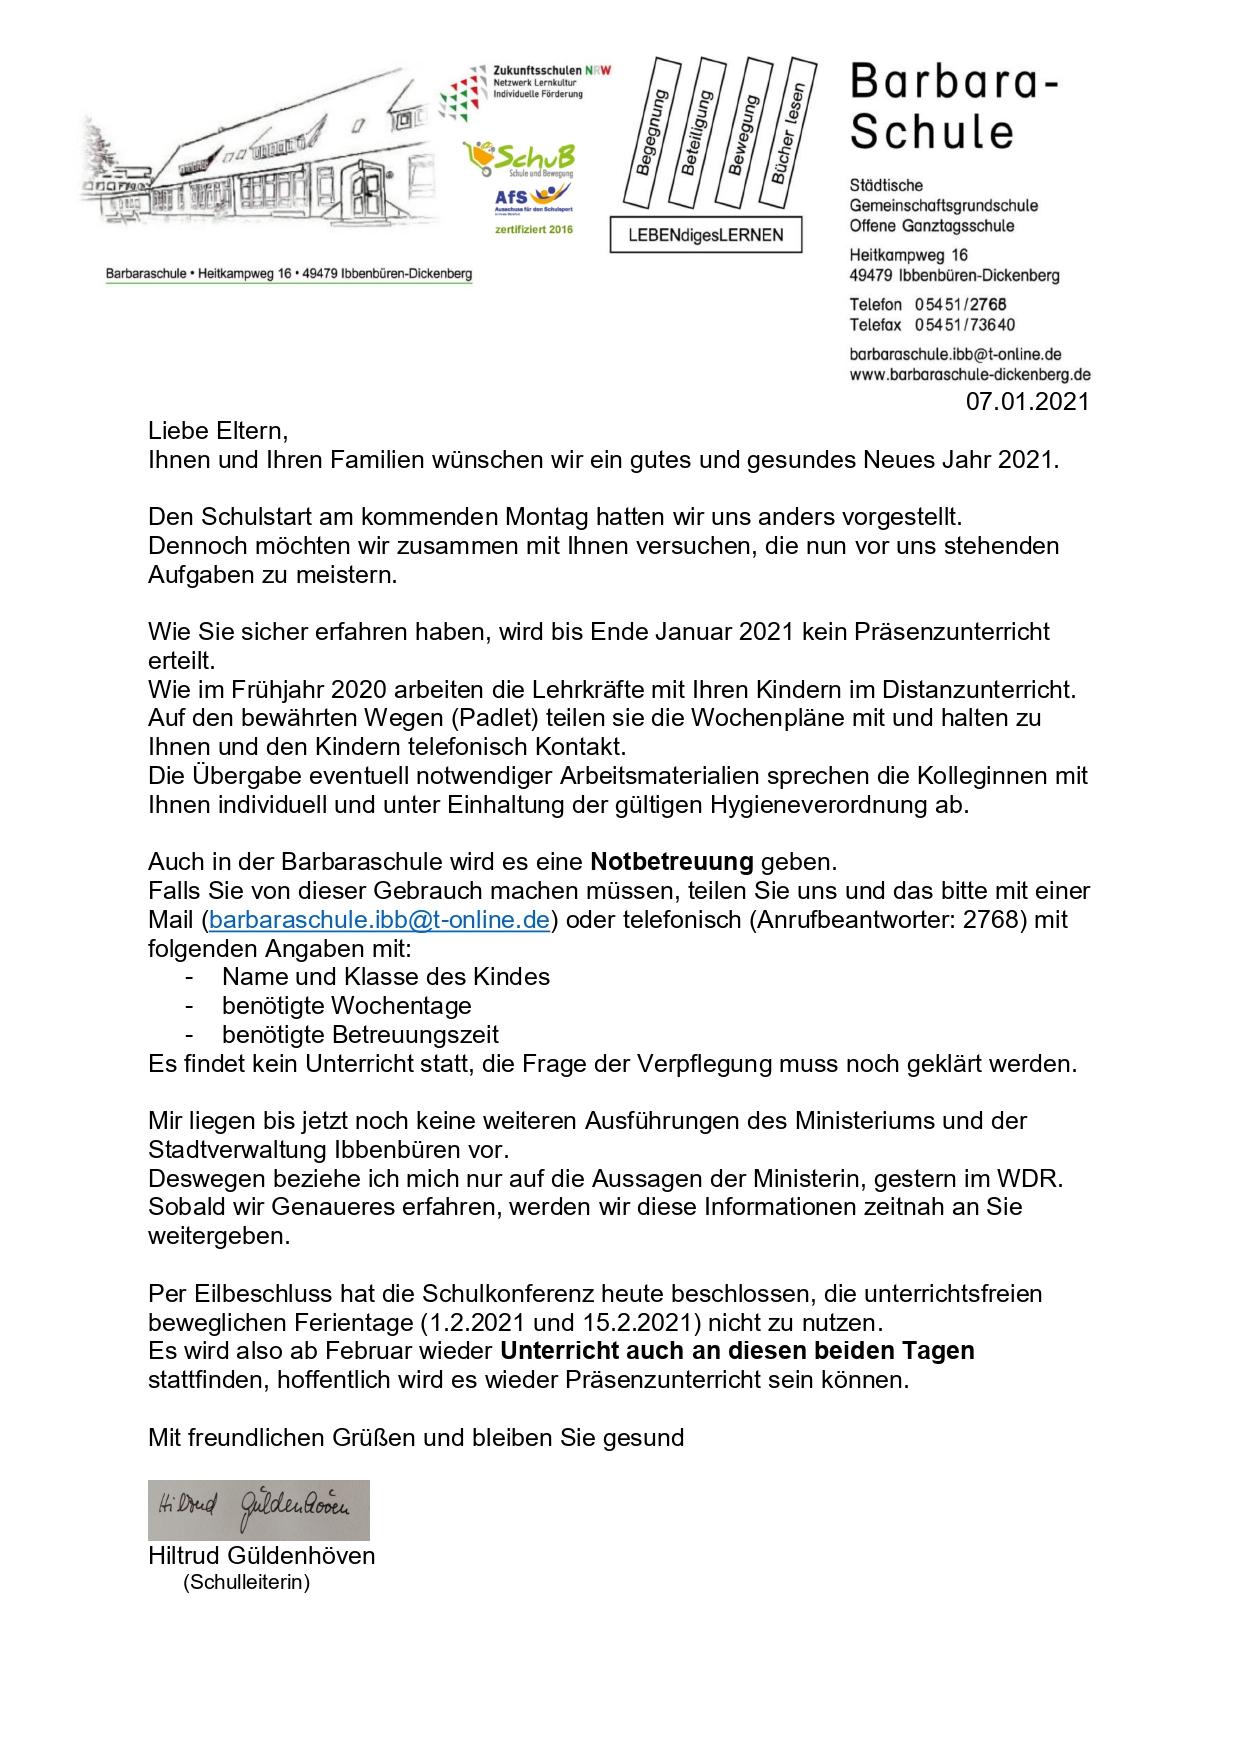 B E-Br 7.1.2021_page-0001